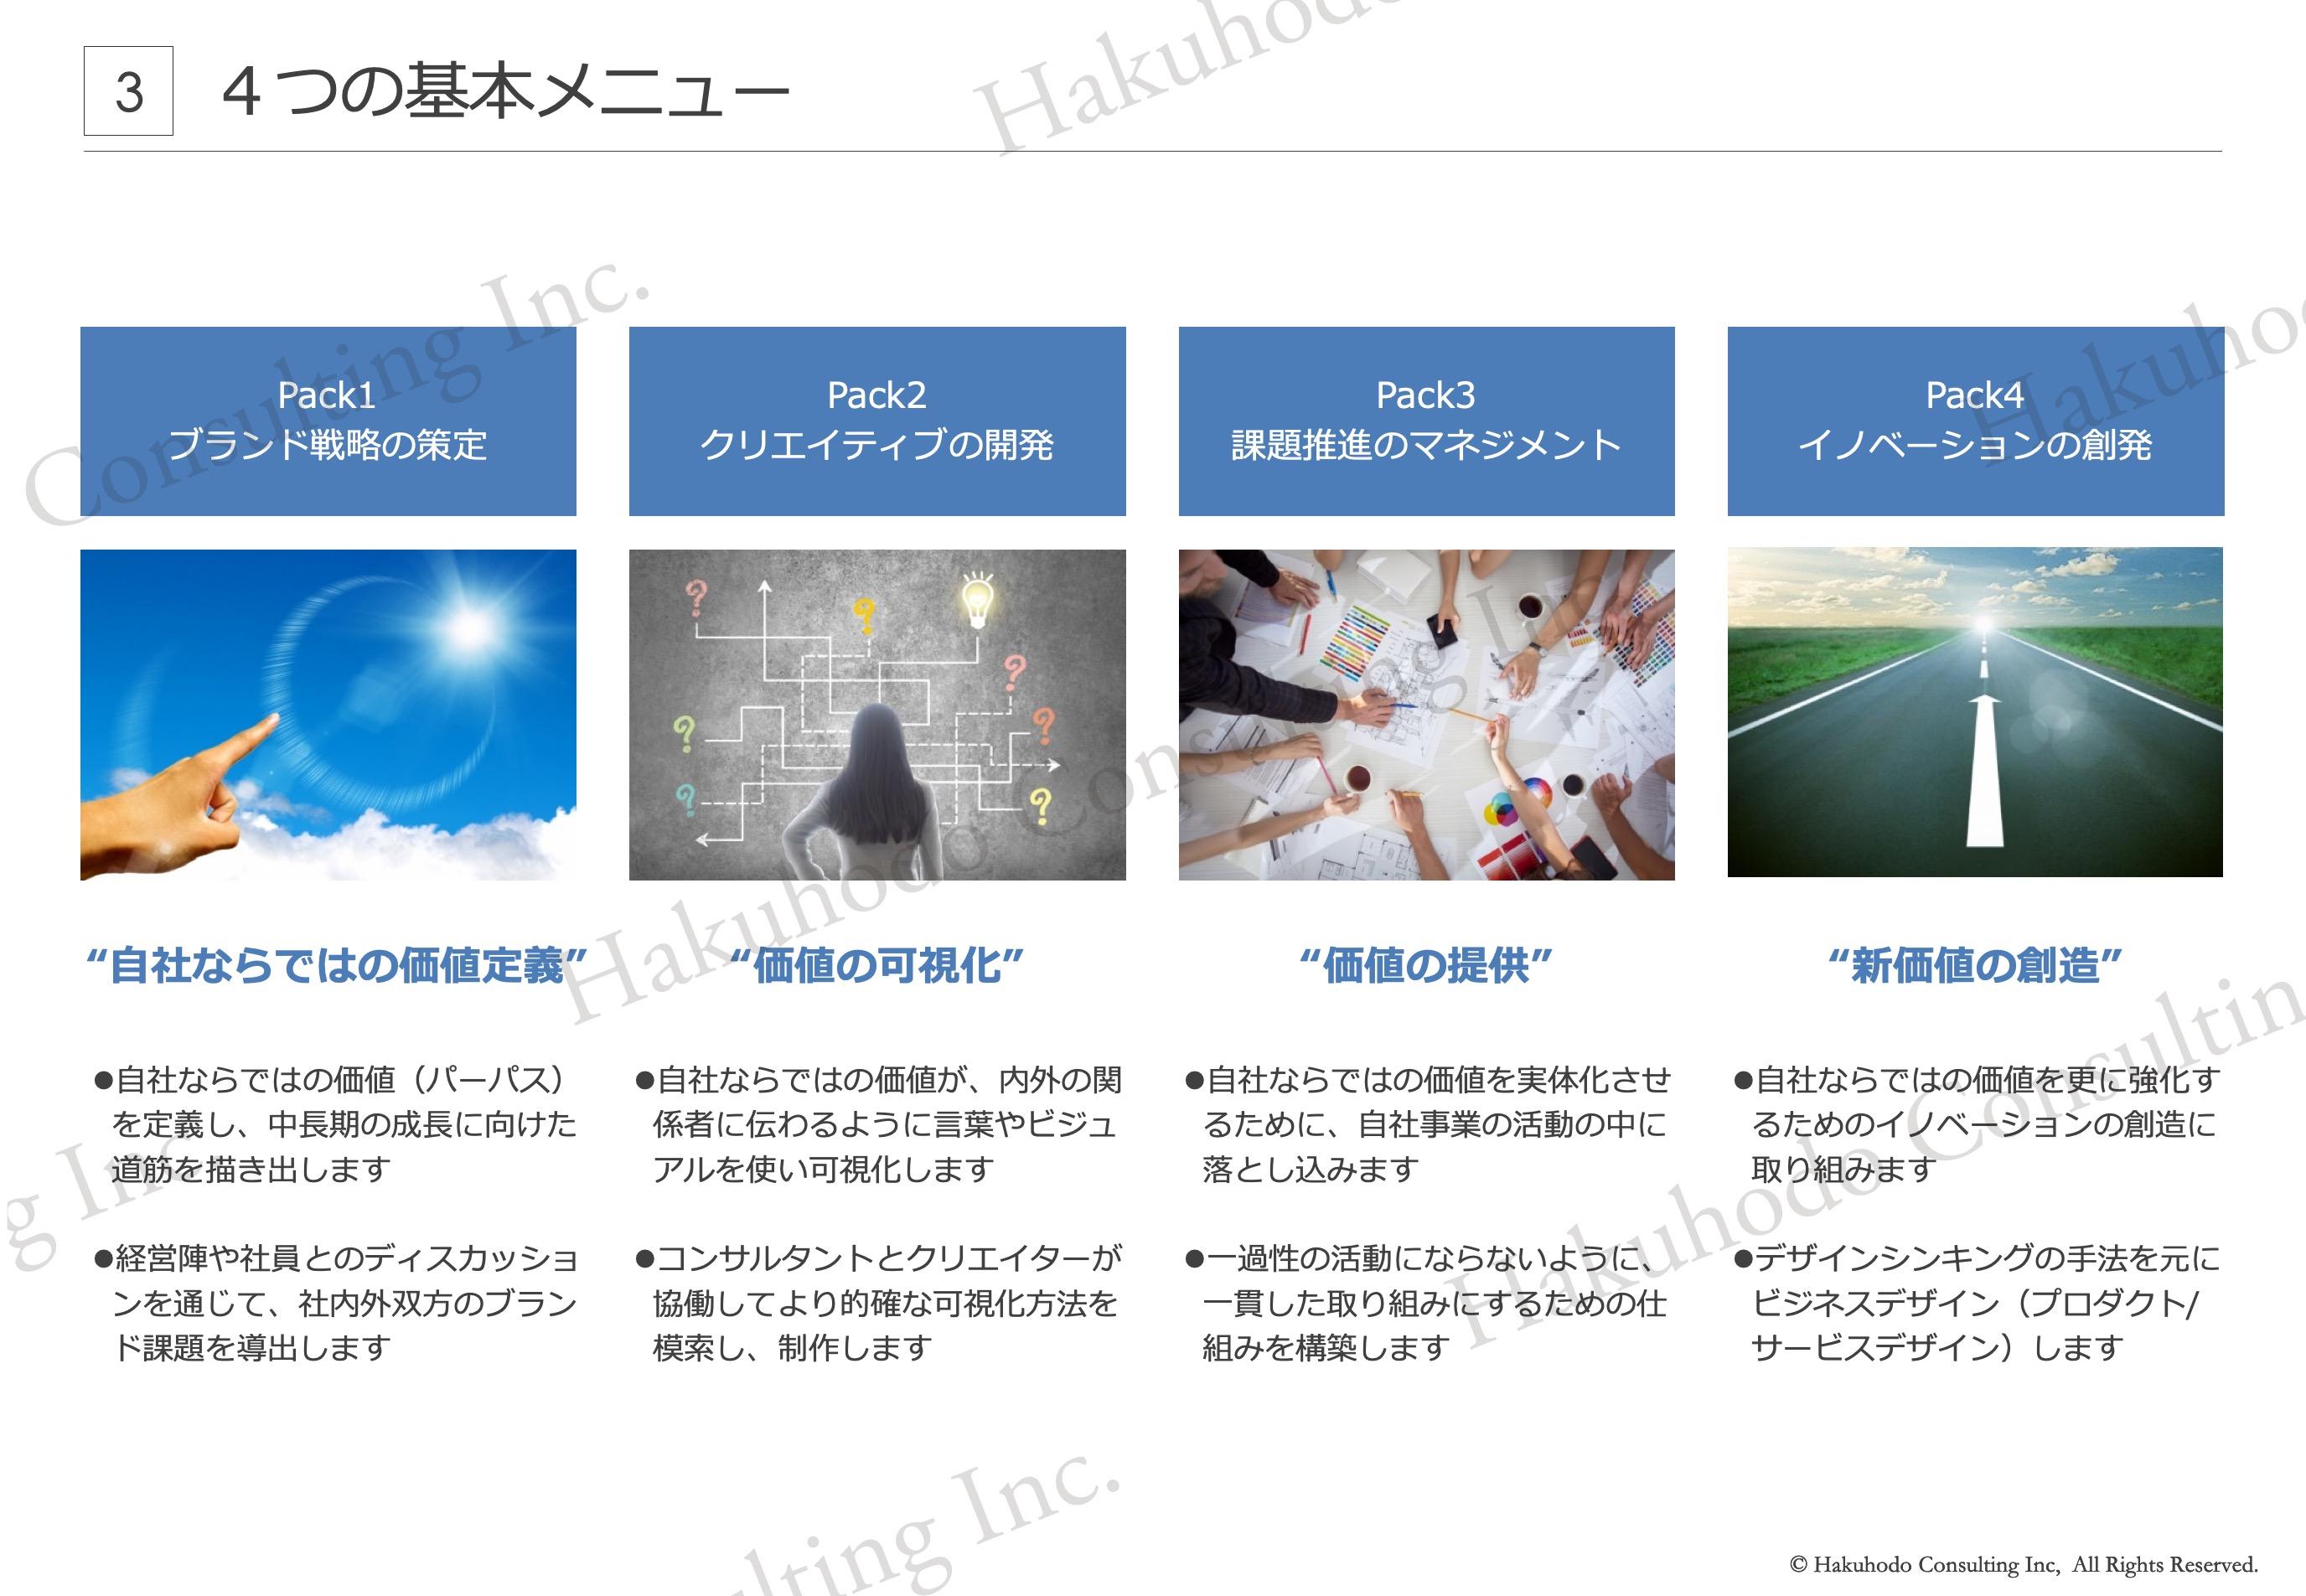 """Pack1ブランド戦略の策定""""自社ならではの価値定義""""Pack2クリエイティブの開発""""価値の可視化""""Pack3課題推進のマネジメント""""価値の提供""""Pack4イノベーションの創発""""新価値の創造"""""""